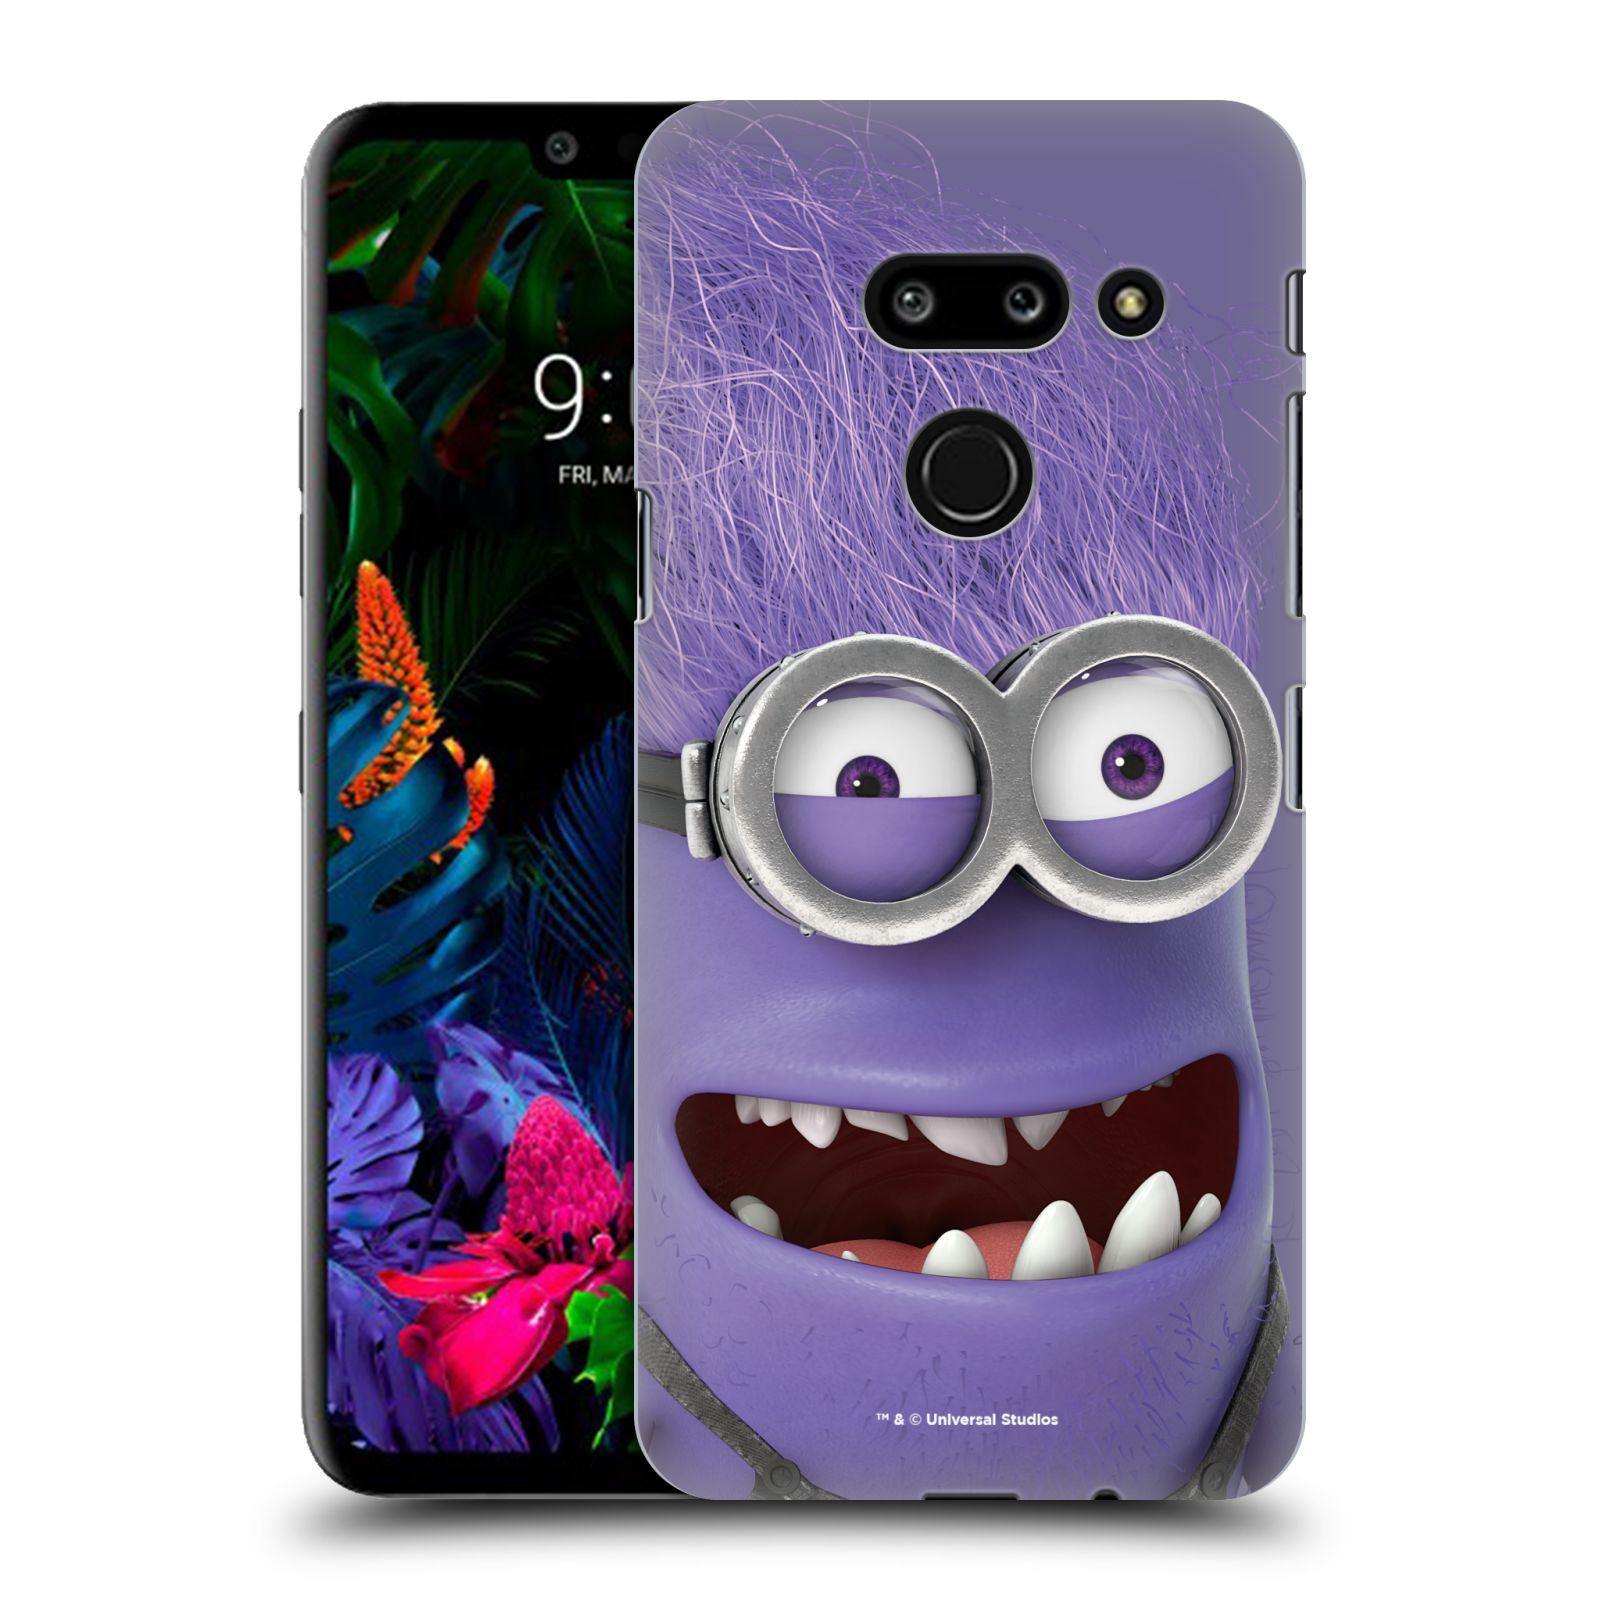 Plastové pouzdro na mobil LG G8 ThinQ - Head Case - Zlý Mimoň z filmu Já, padouch - Despicable Me